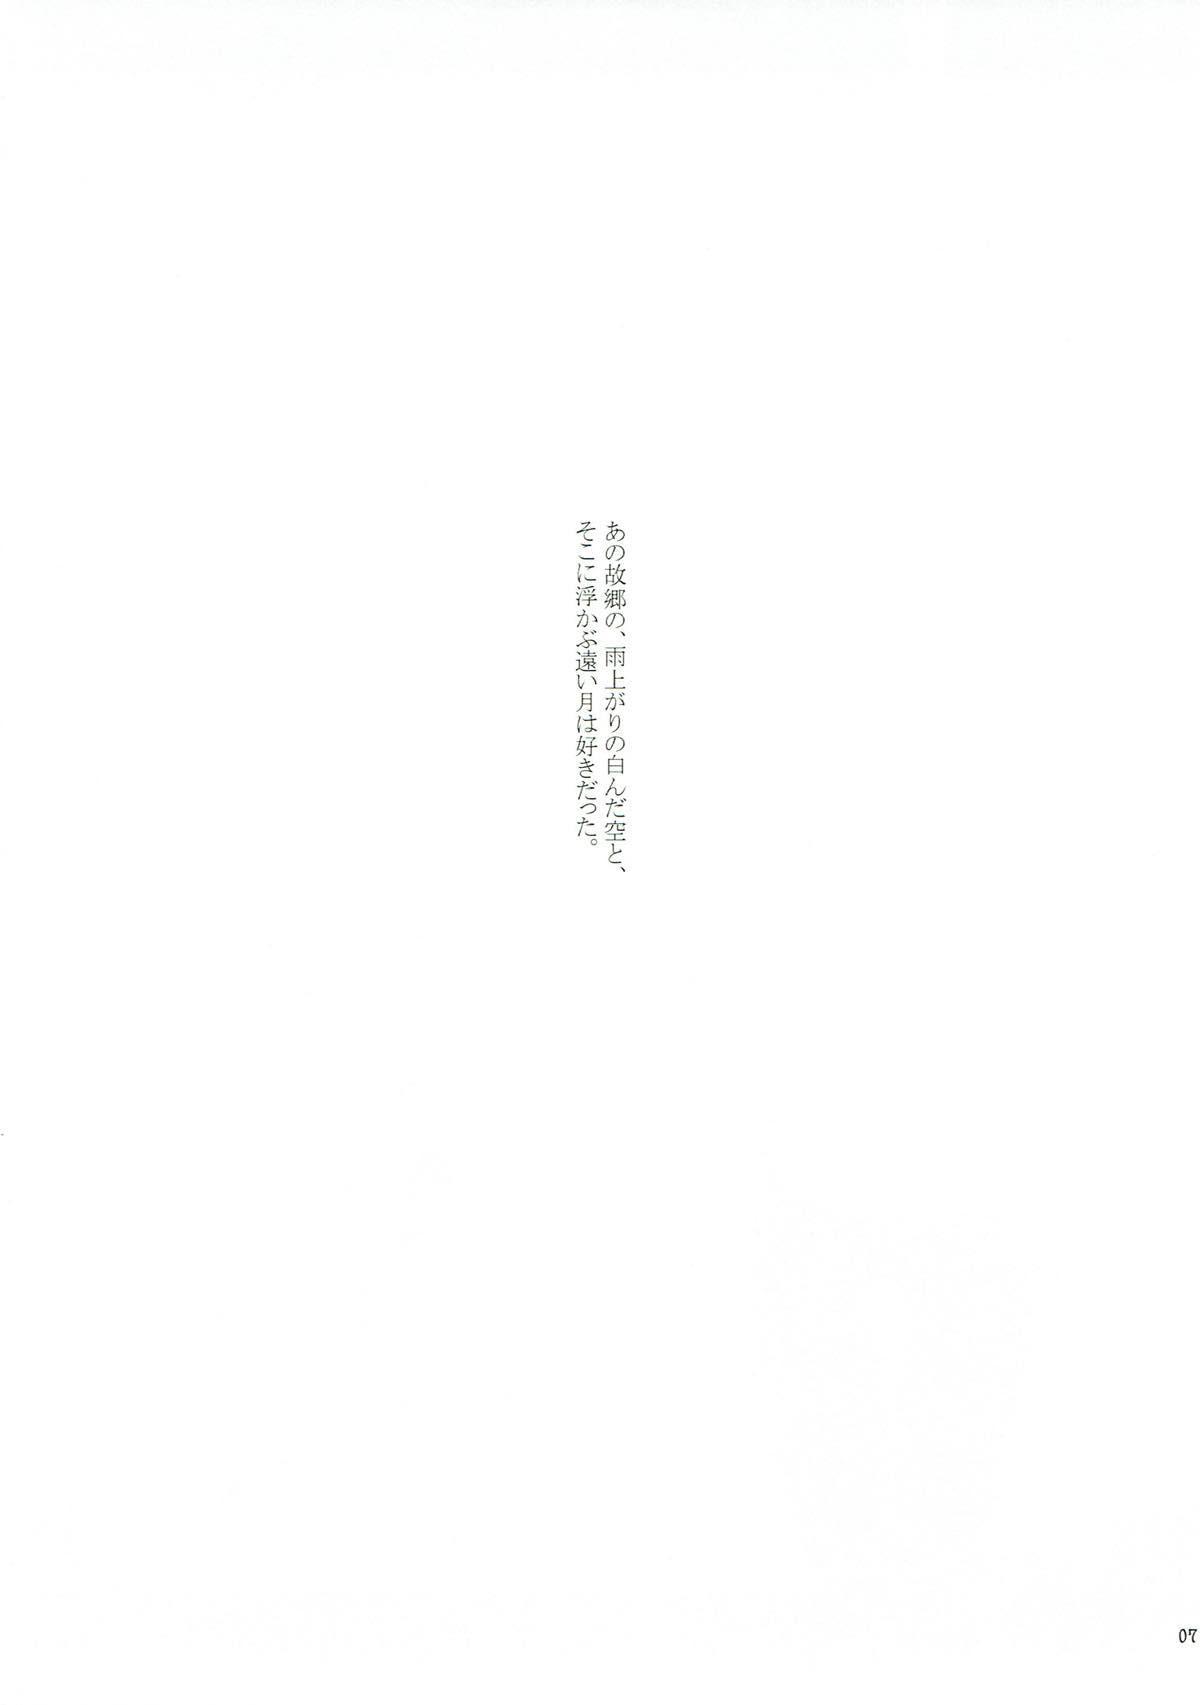 Kageriyuku Tsuki ni, Kuchizuke o. 4